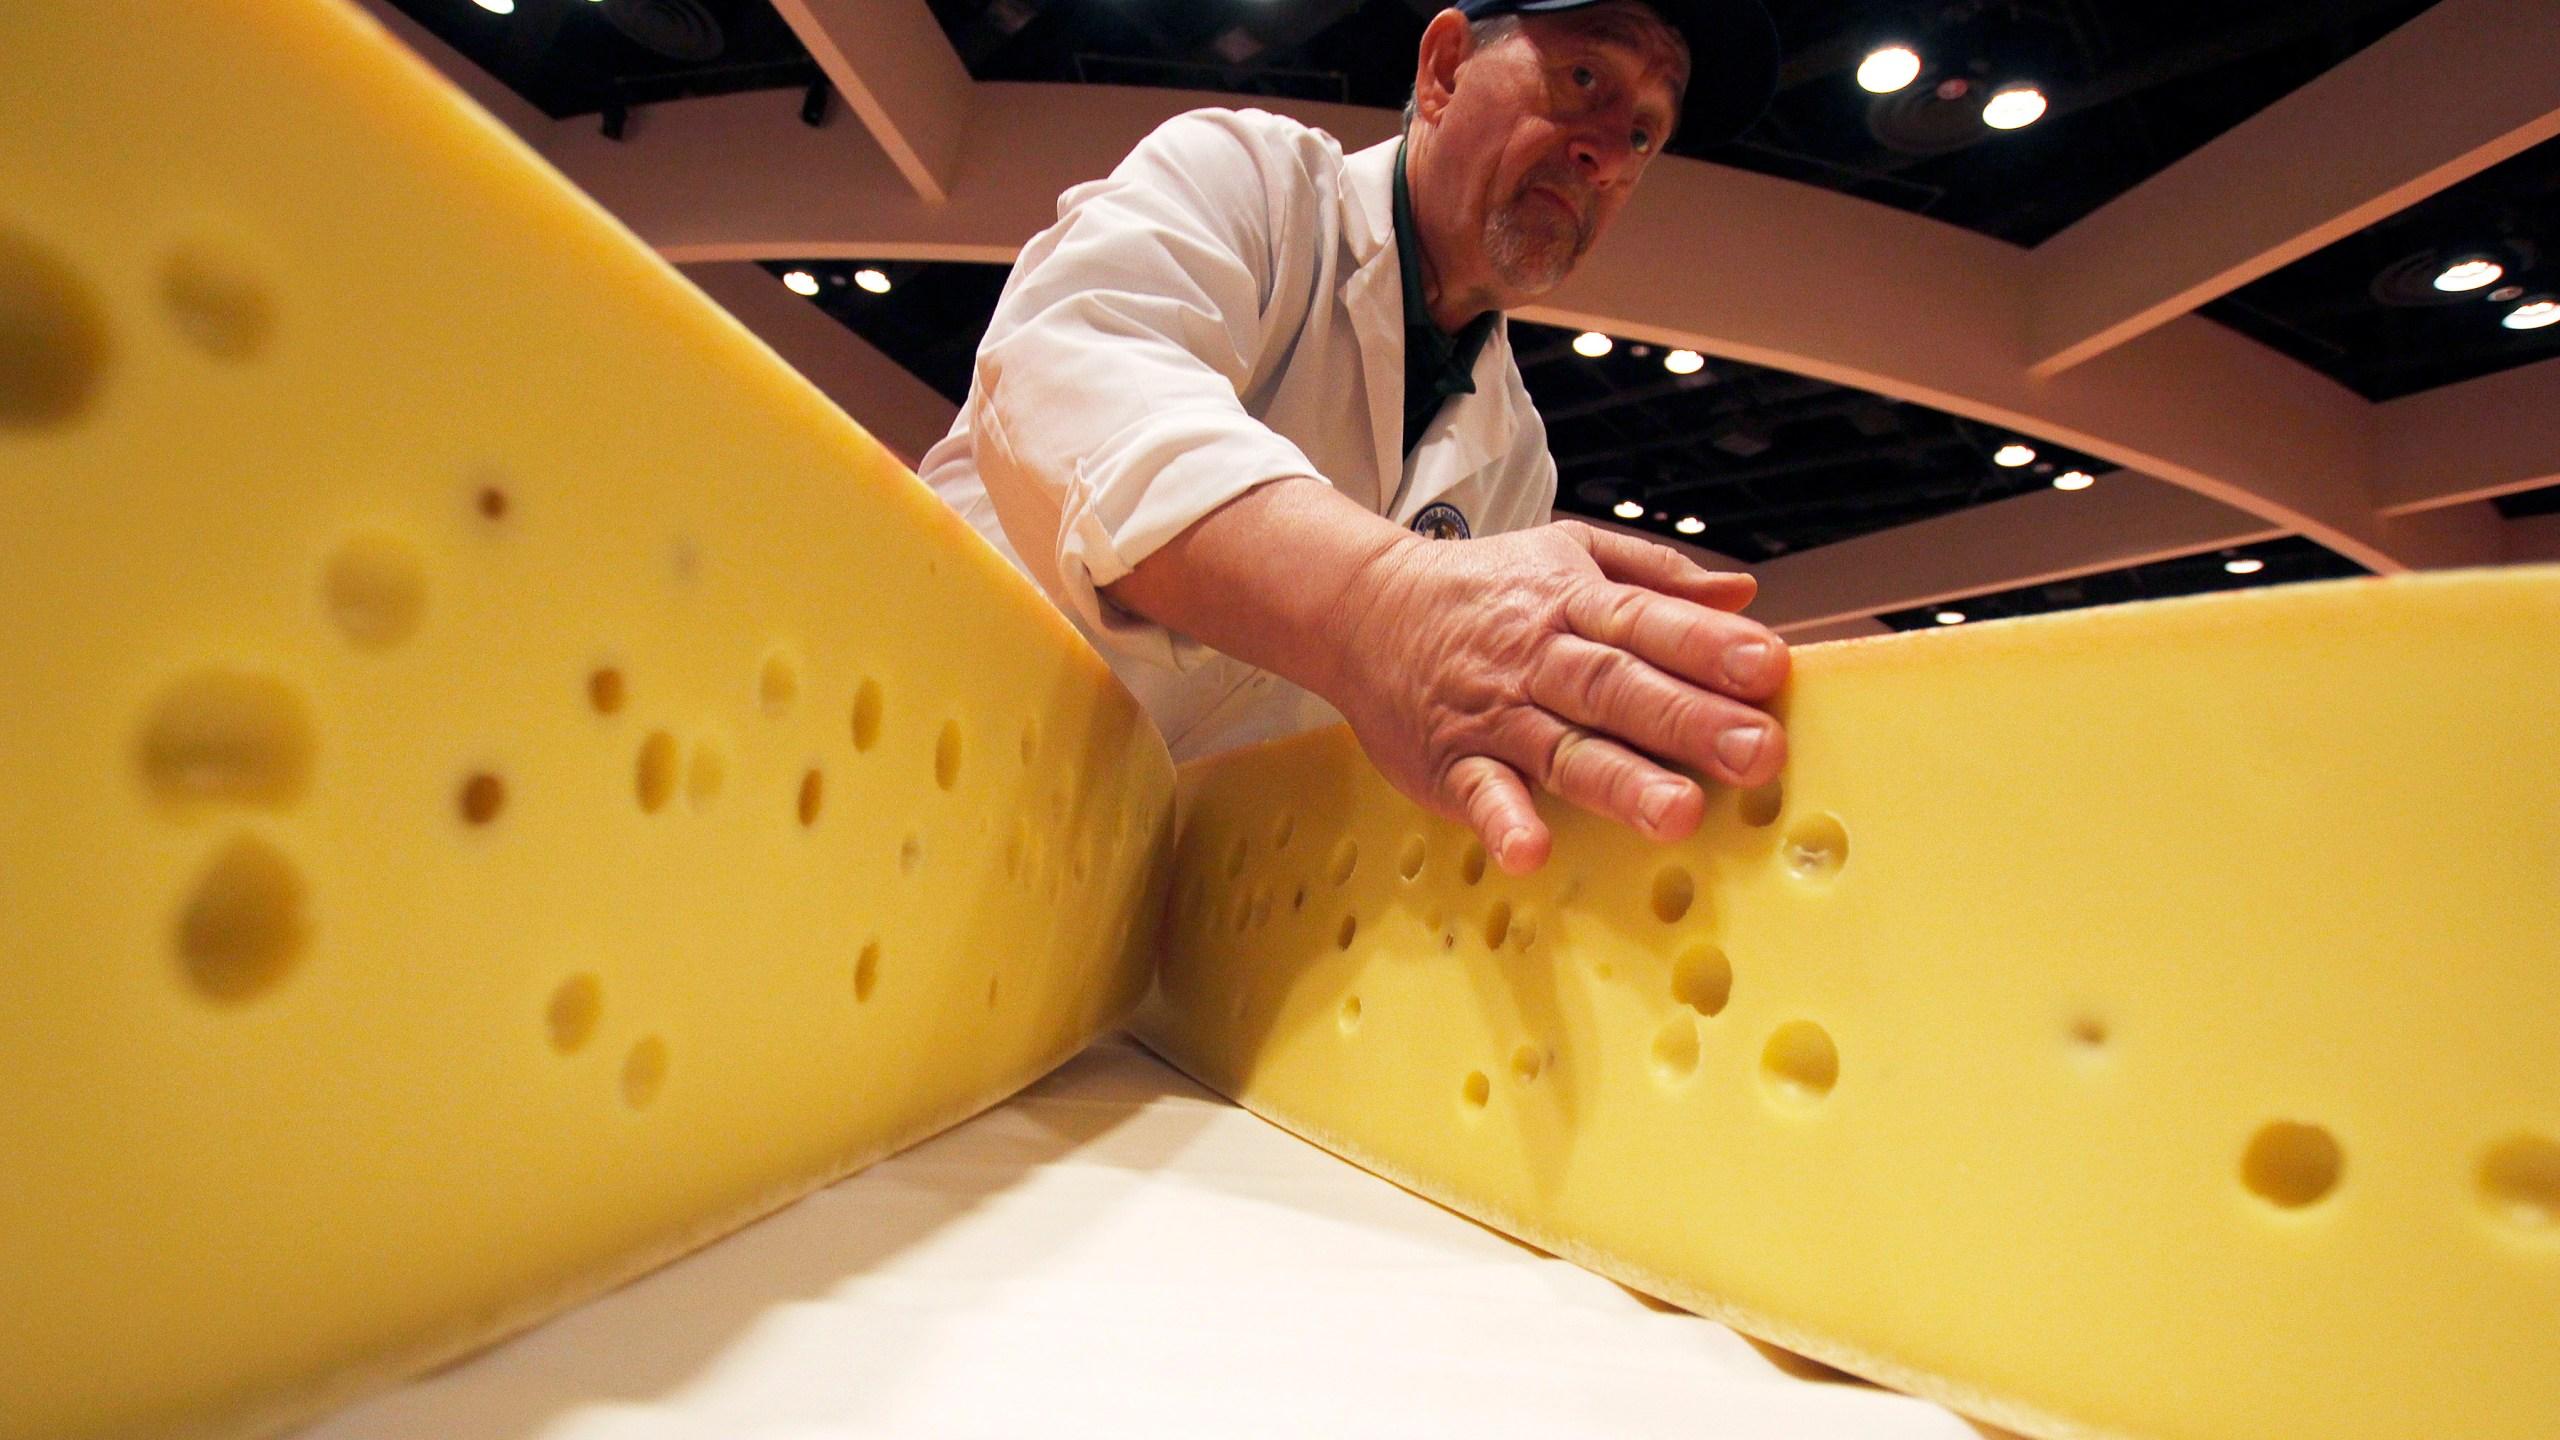 Cheese_Championships_25158-159532.jpg11659531